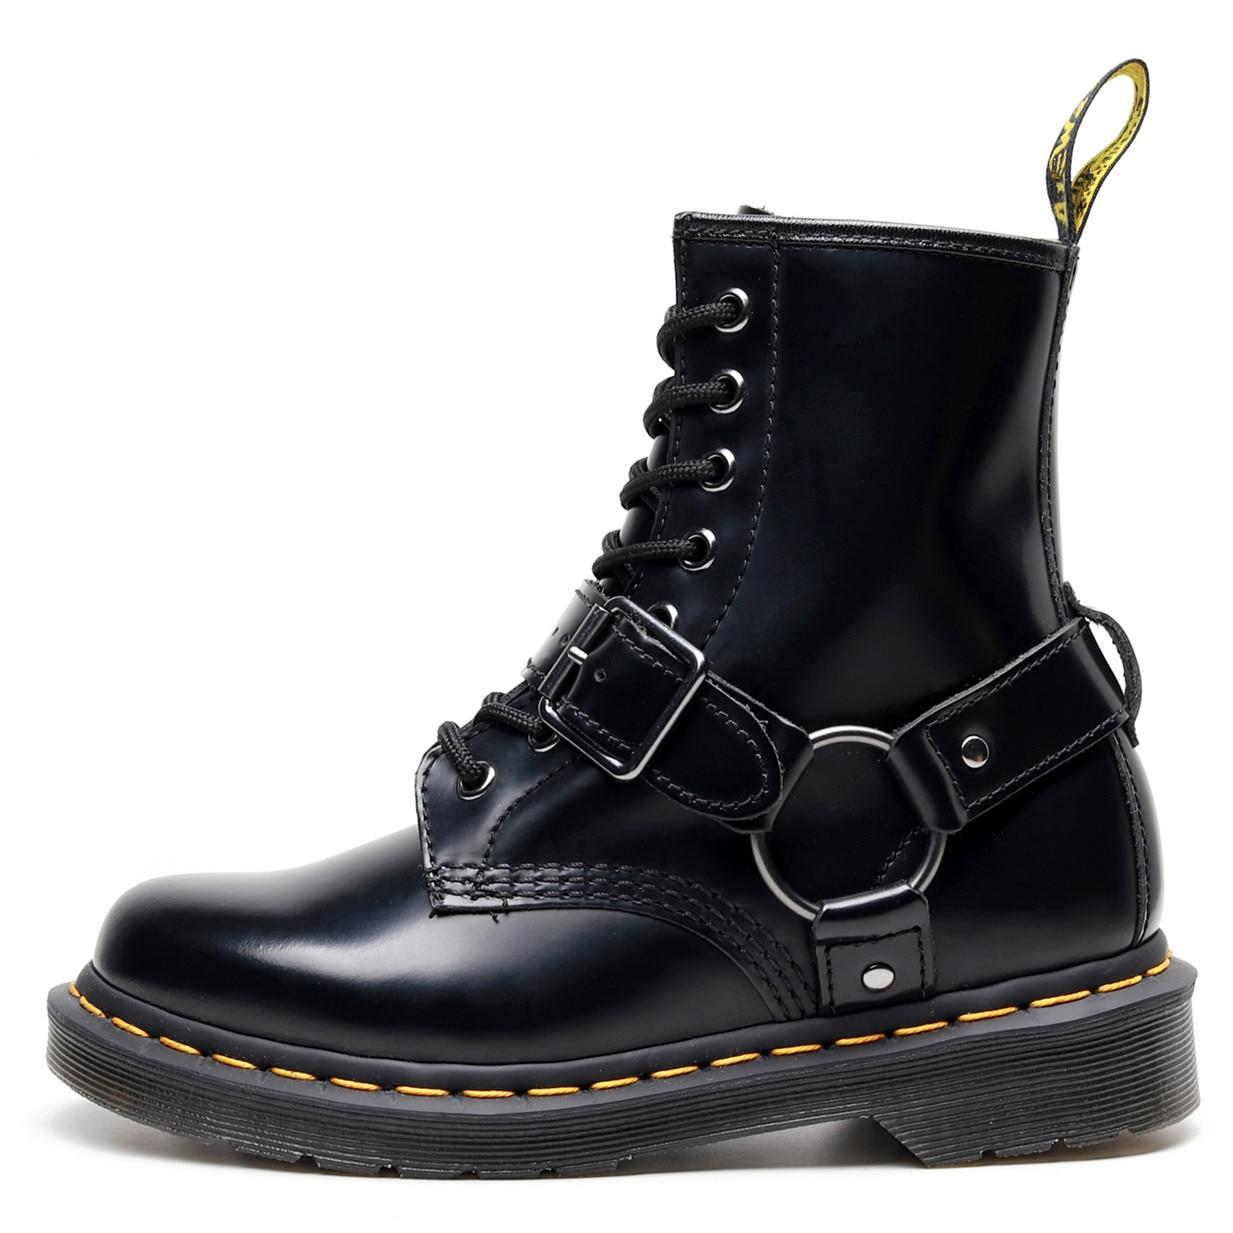 Мужские и женские ботильоны с пряжкой Martens, кожаные ботинки с круглым носком, мотоциклетная обувь